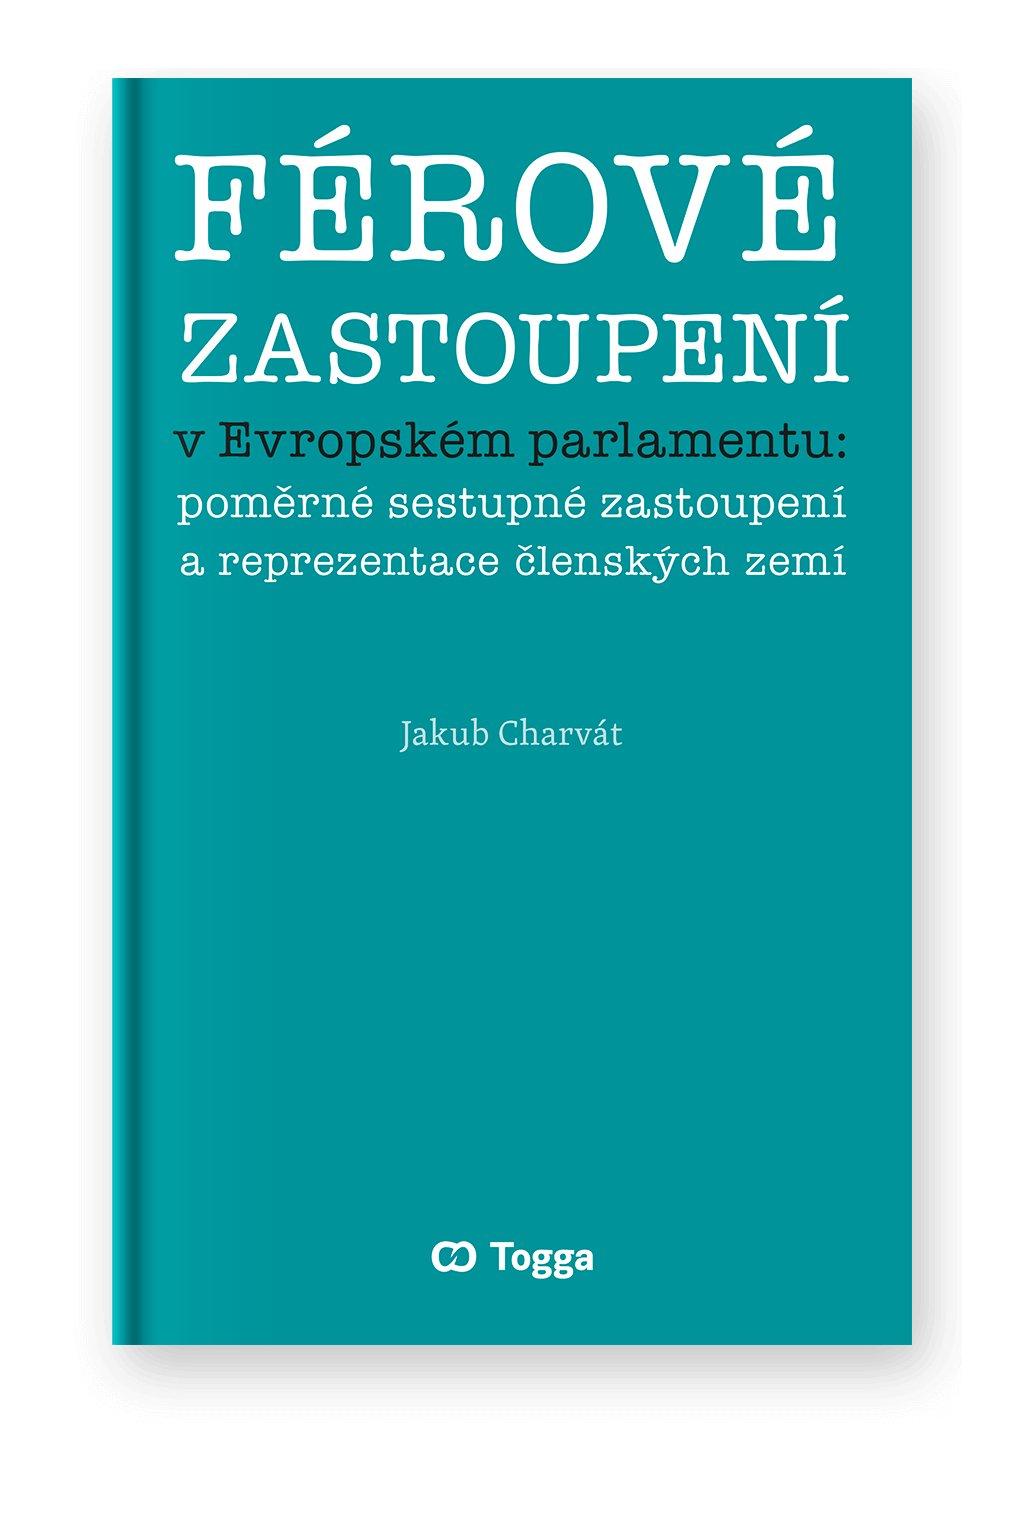 1436 ferove zastoupeni v evropskem parlamentu pomerne sestupne zastoupeni a reprezentace clenskych zemi